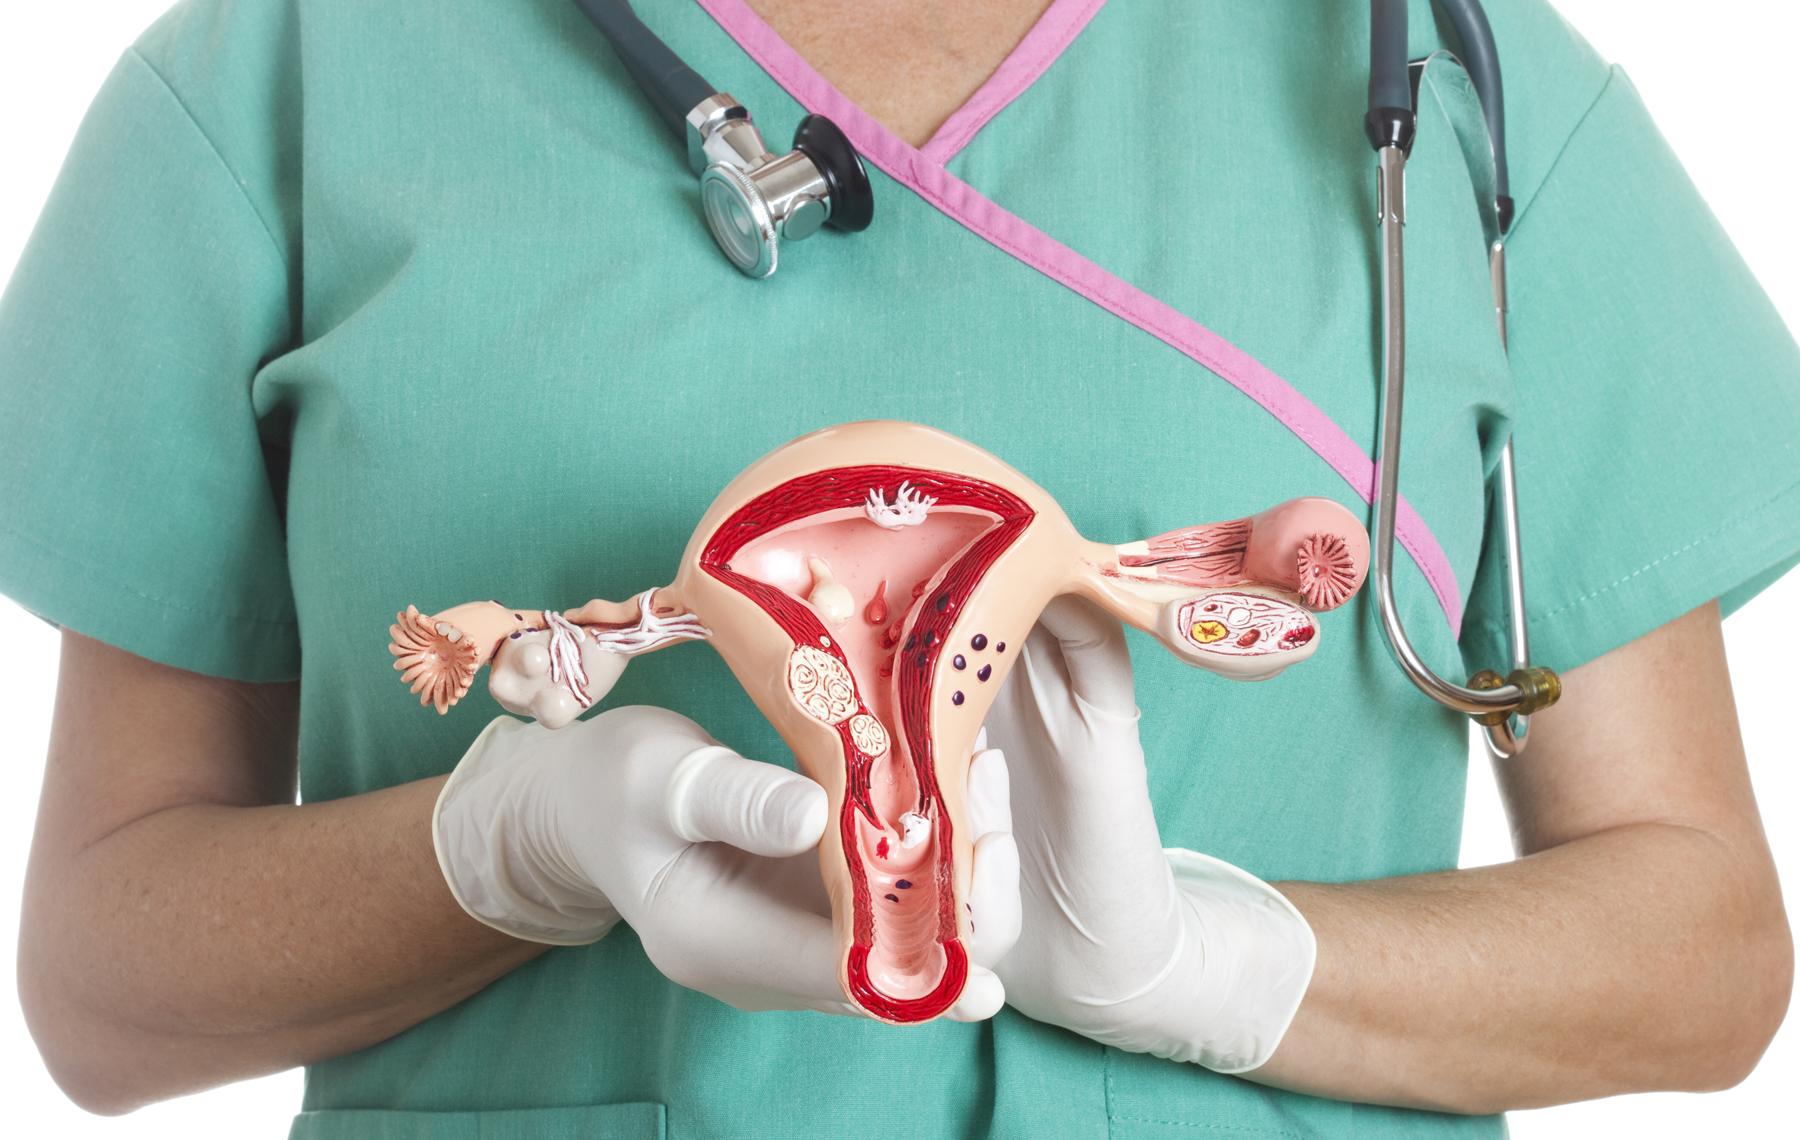 Qué puedes hacer para protegerte contra el cáncer de cuello uterino |  AltaMed